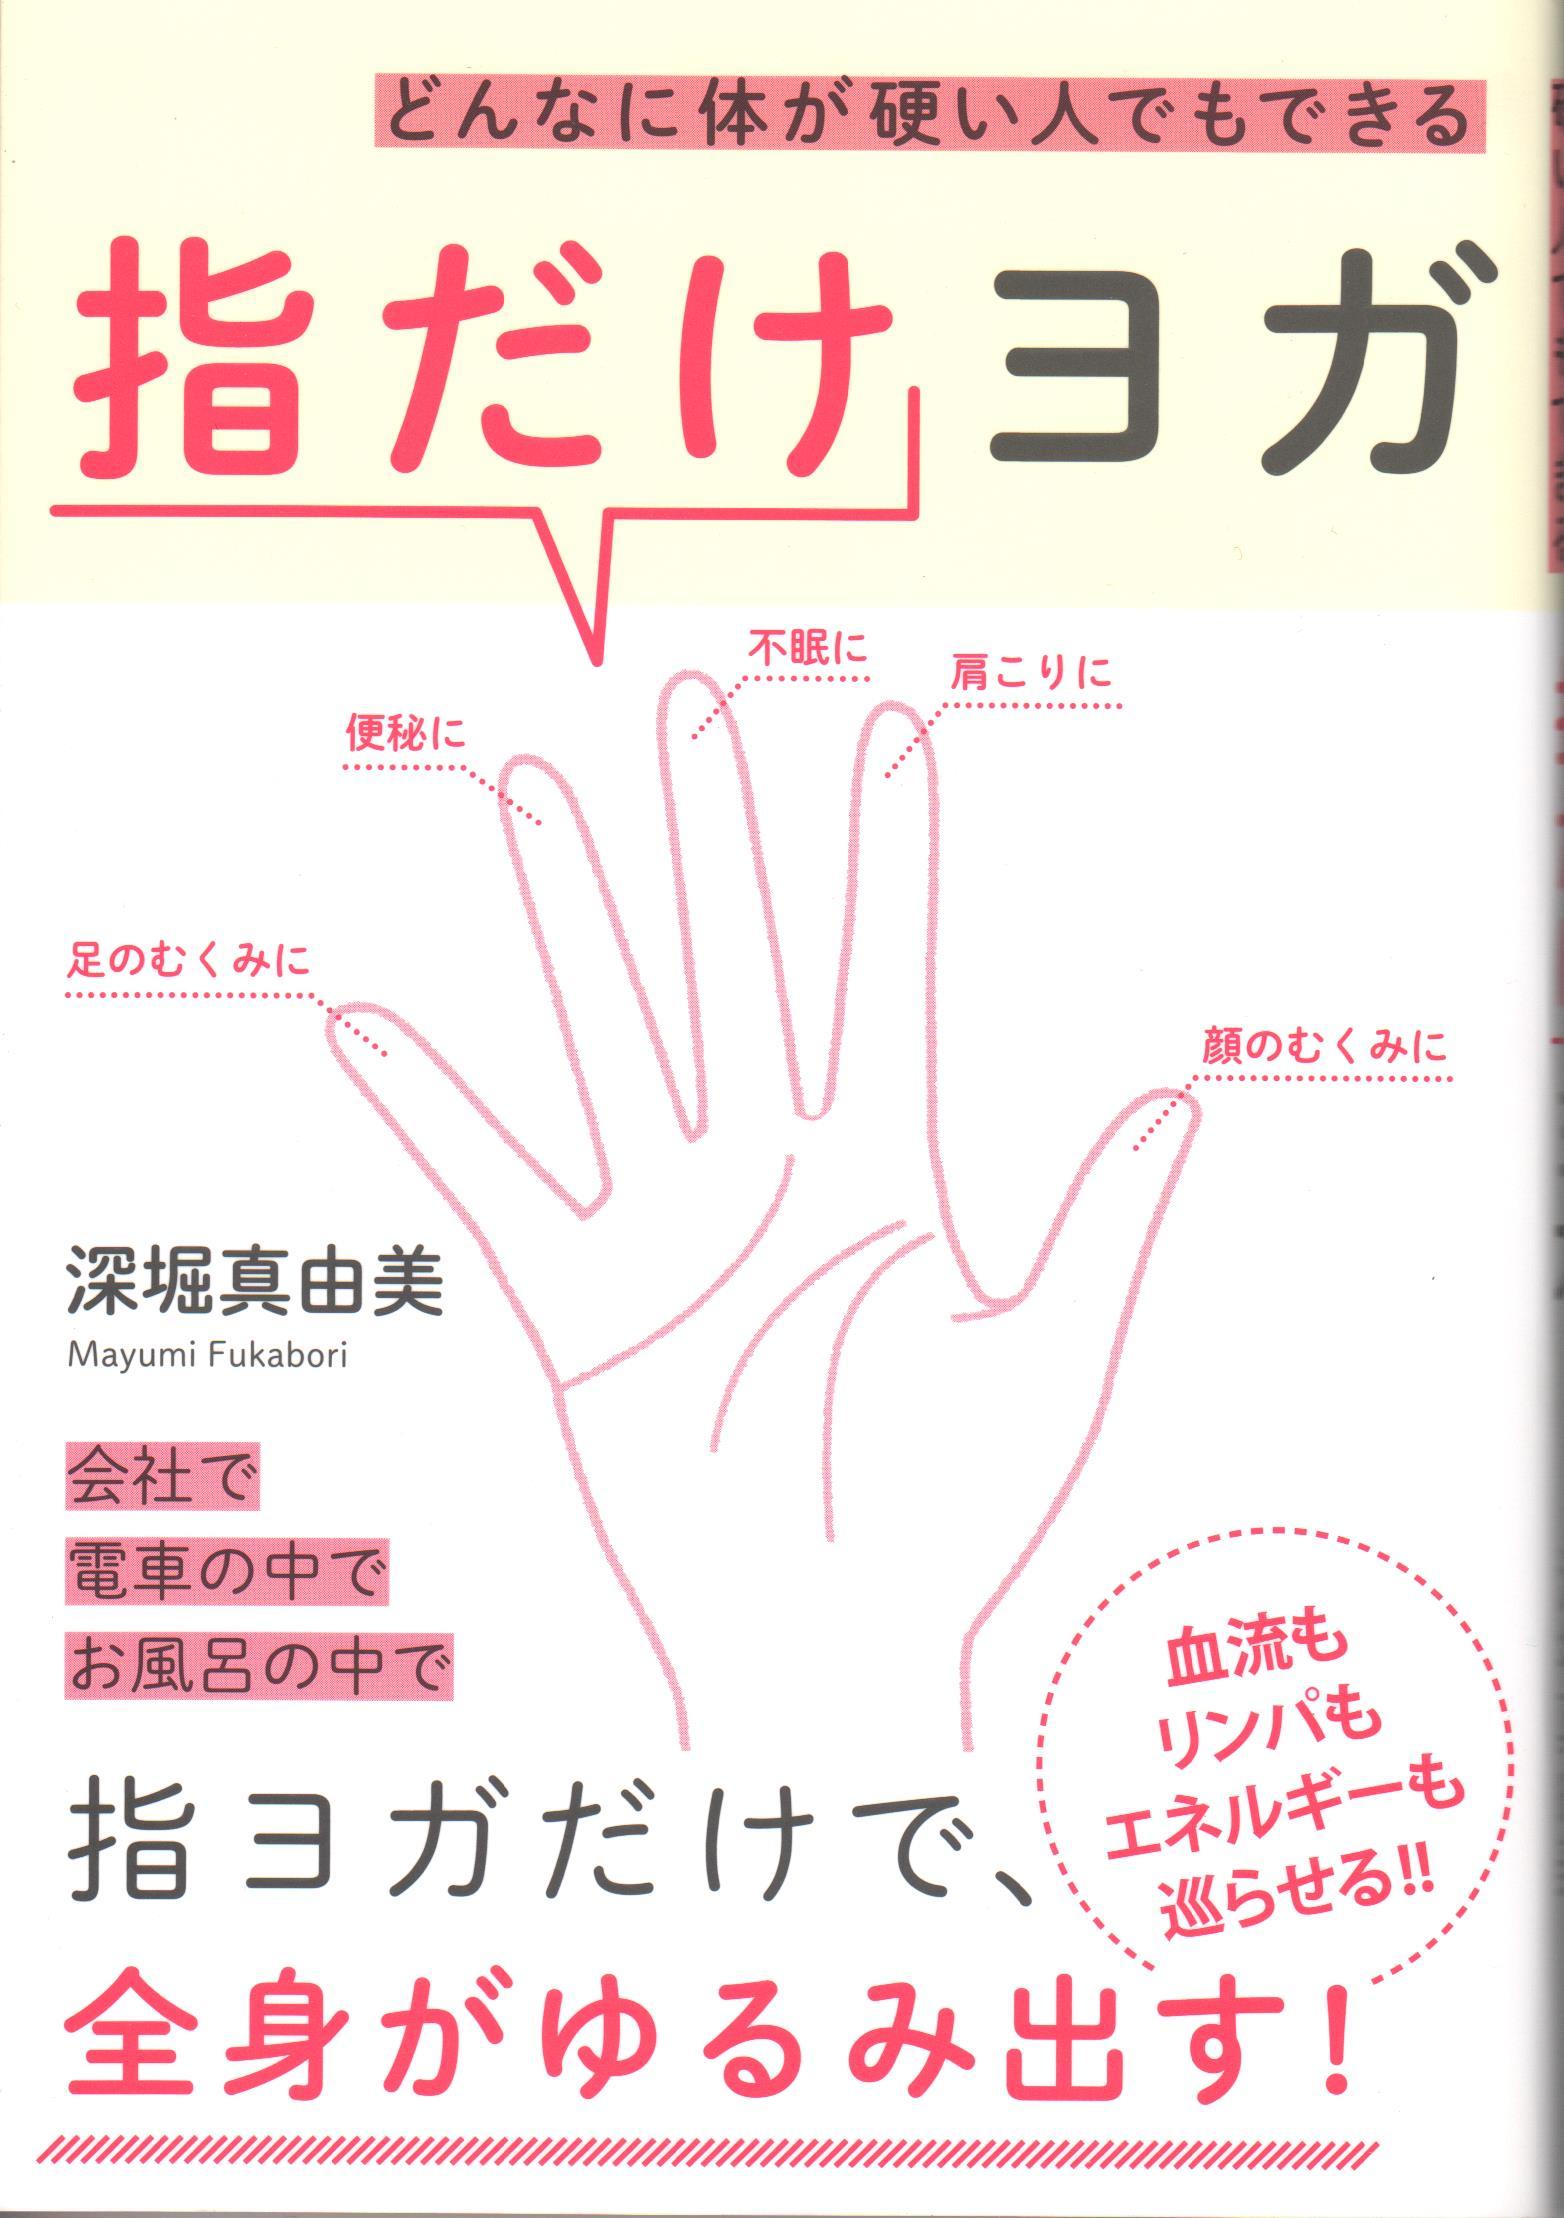 深堀ヨガスクール Shinjuku Studio - ヨガインストラクター養成講座(ヨーガ集中講座) 開講のお知らせの写真3